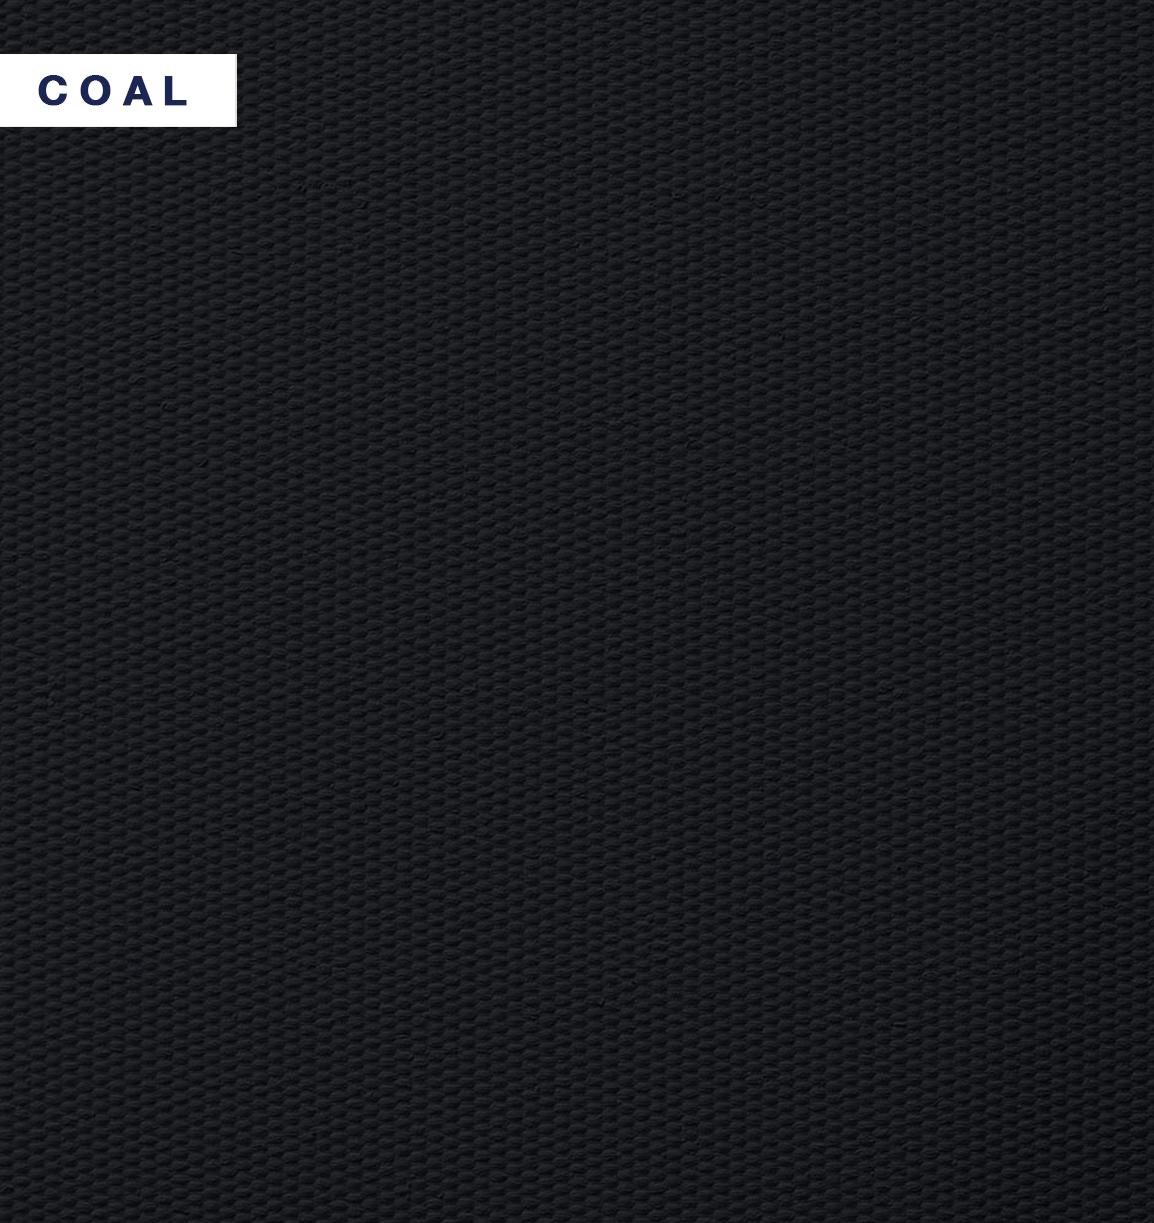 VIBE - Coal.jpg